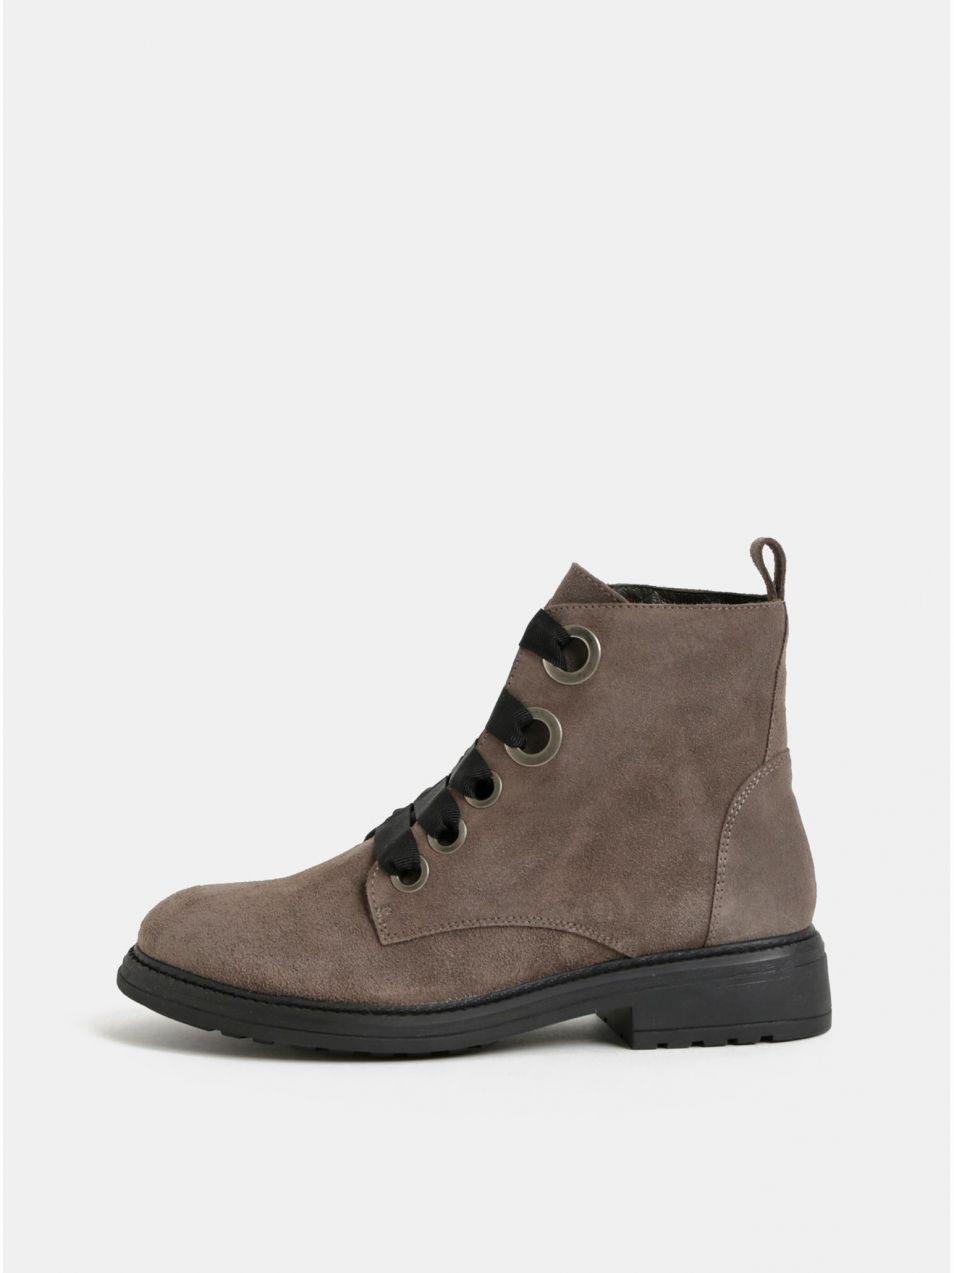 c0a49f7fa99b Béžové semišové členkové topánky OJJU značky OJJU - Lovely.sk